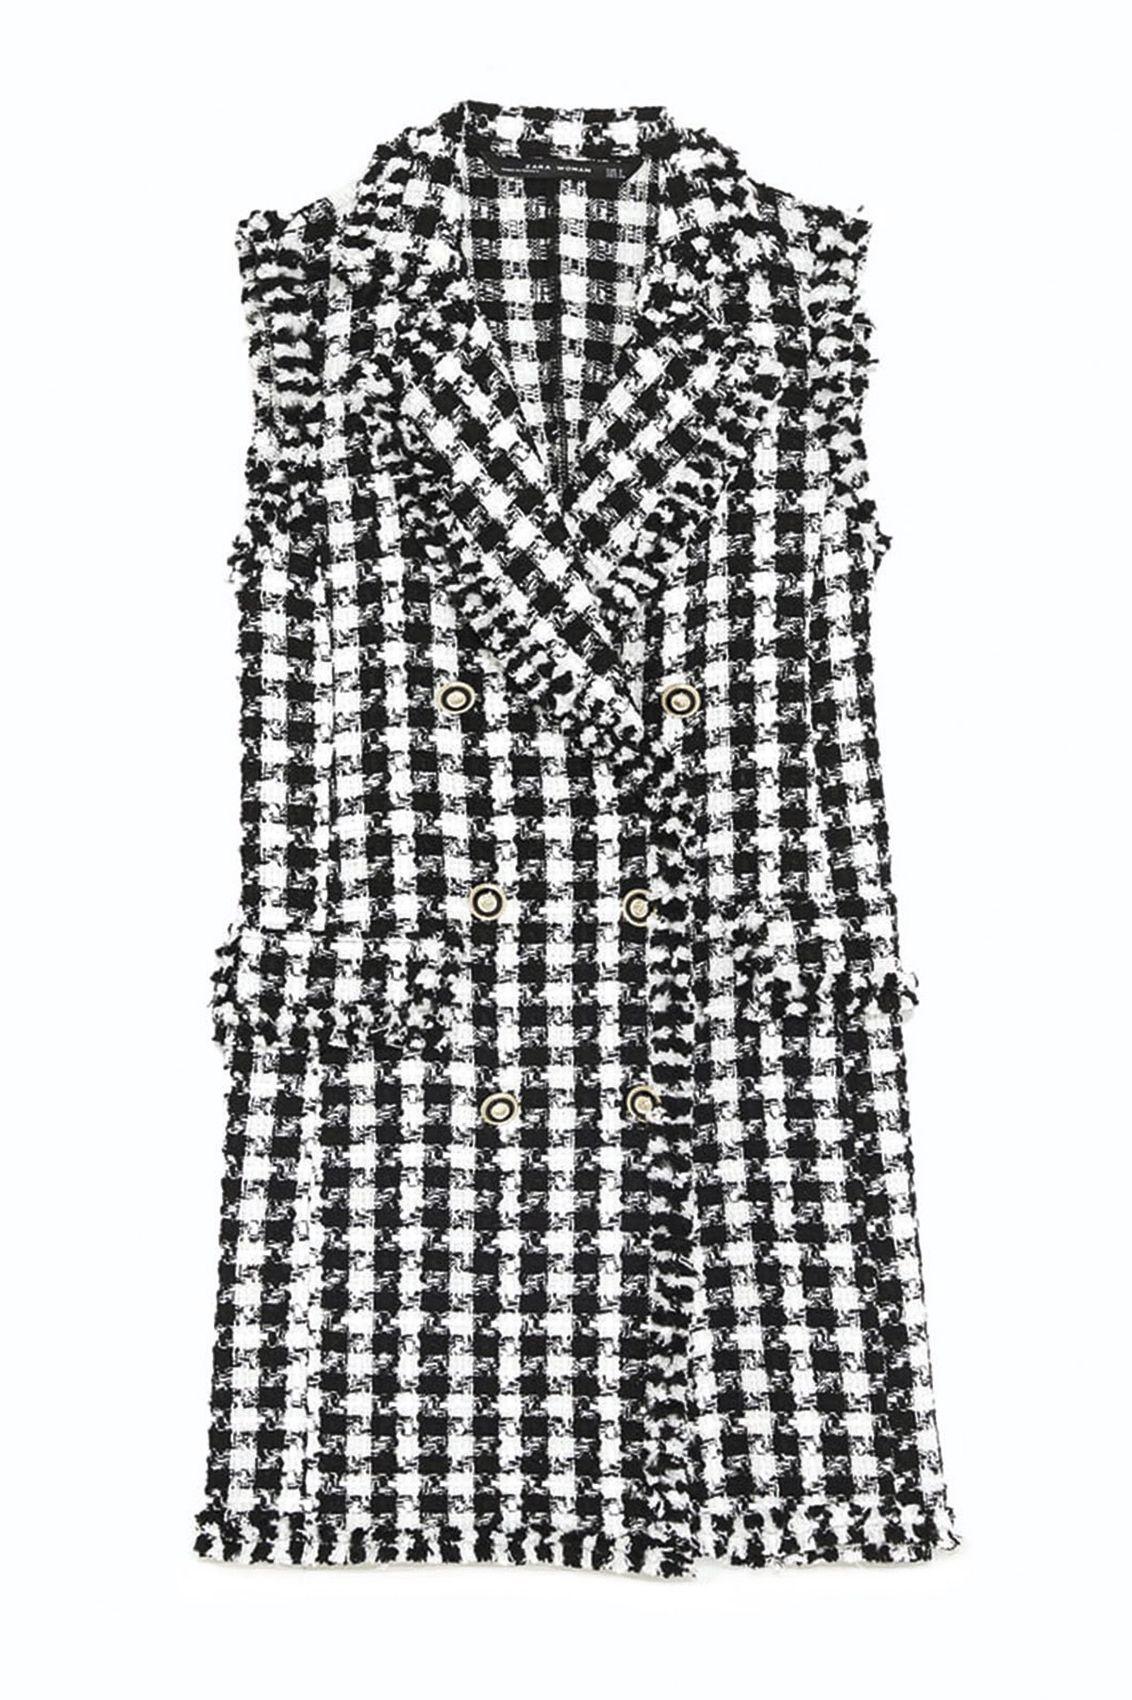 En un total look o combinado, el clásico blanco y negro nunca falla. Hazte con la tendencia más favorecedora del otoño y presume del dúo más fashion dentro y fuera de la pasarela. Ficha estas 10 prendas y complementos que te proponemos.